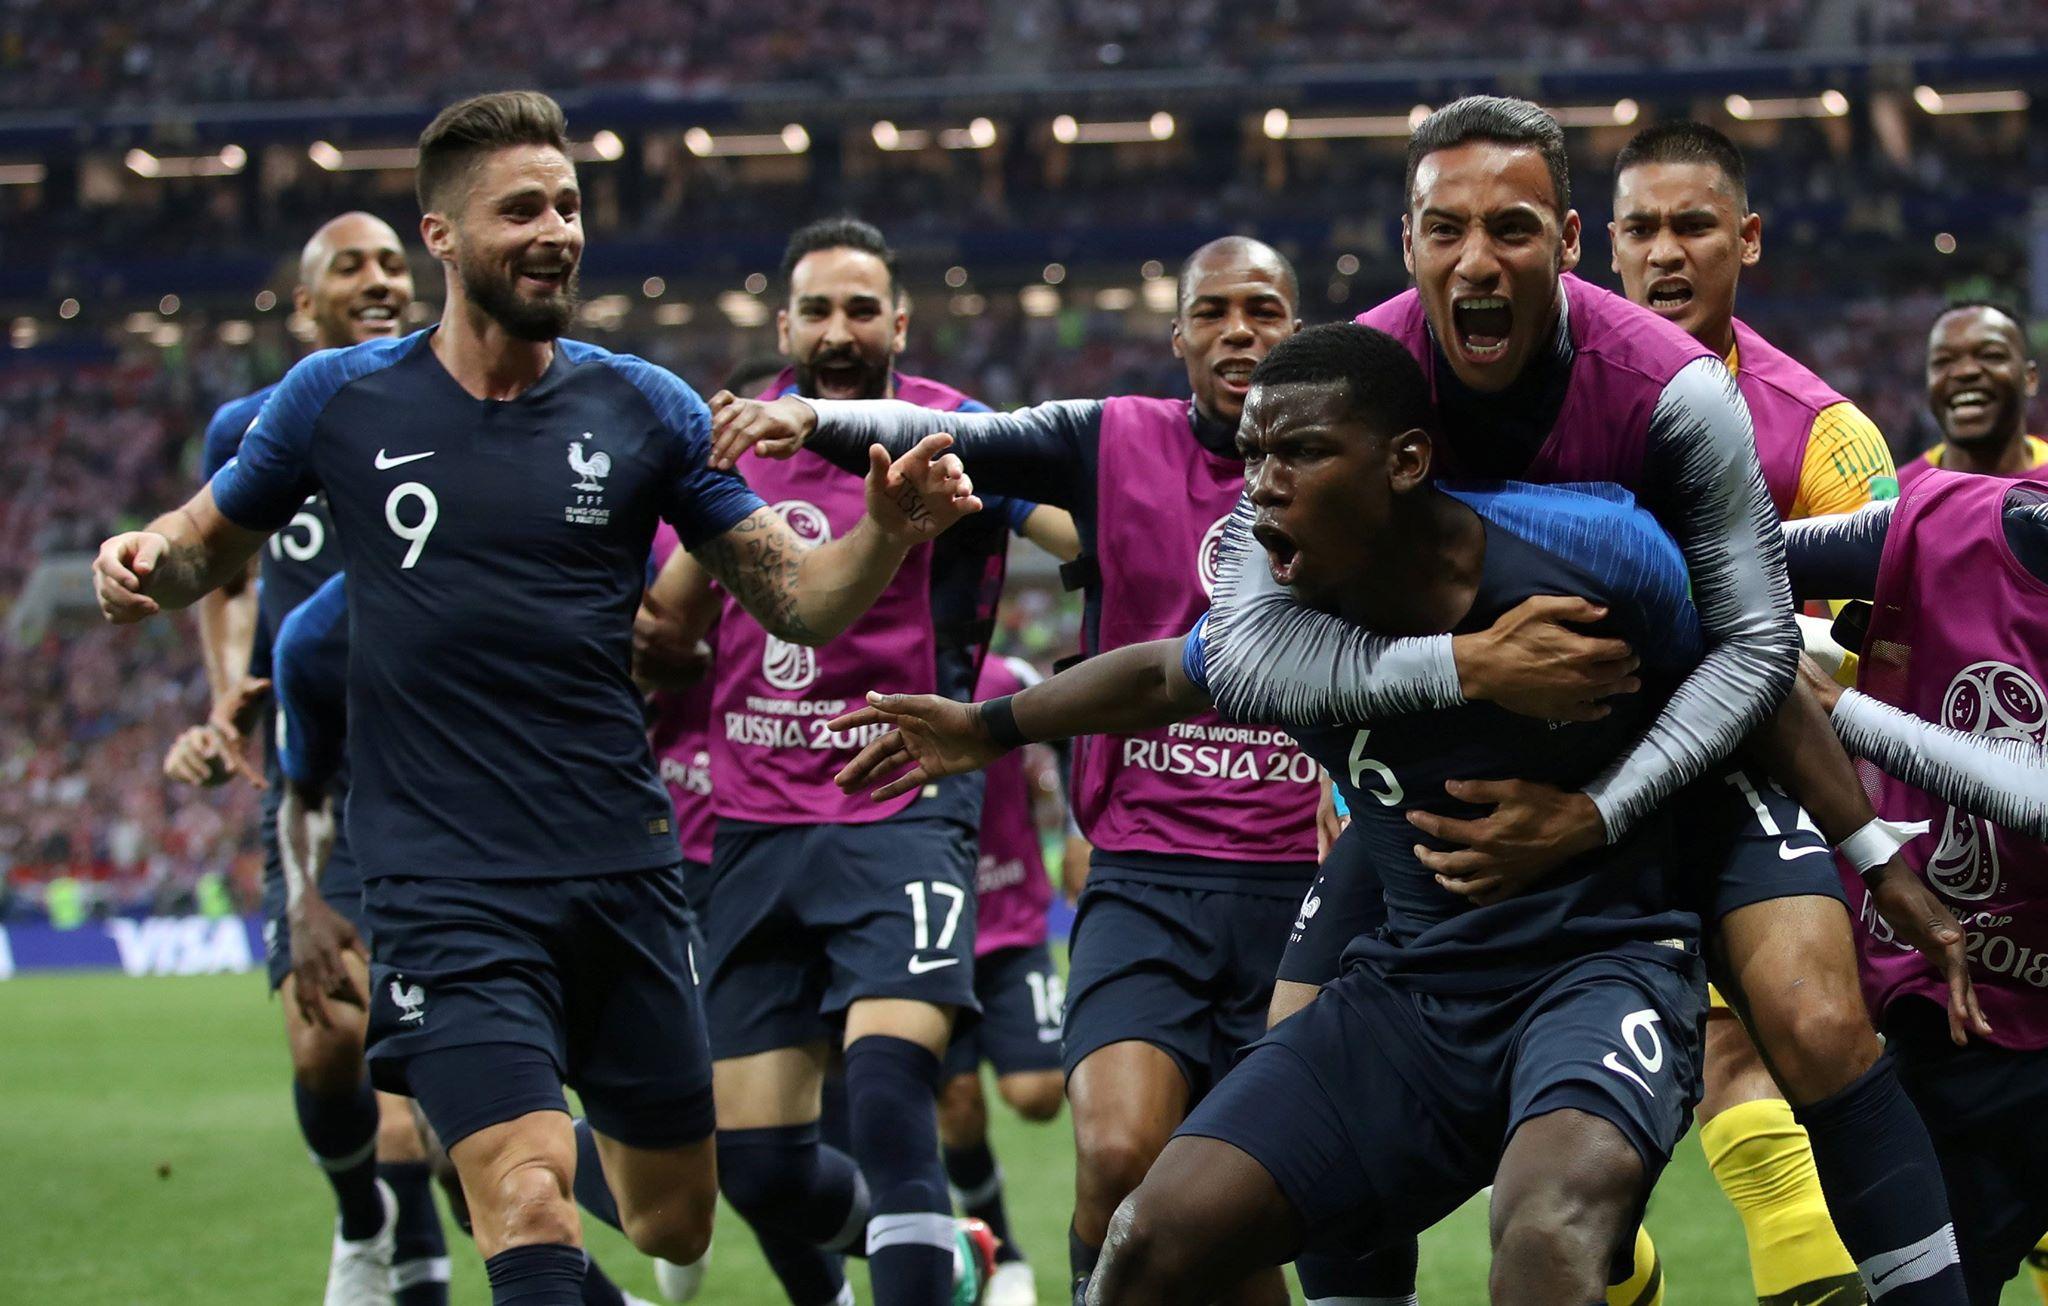 فرنسا تتوج بكأس العالم للمرة الثانية في تاريخها